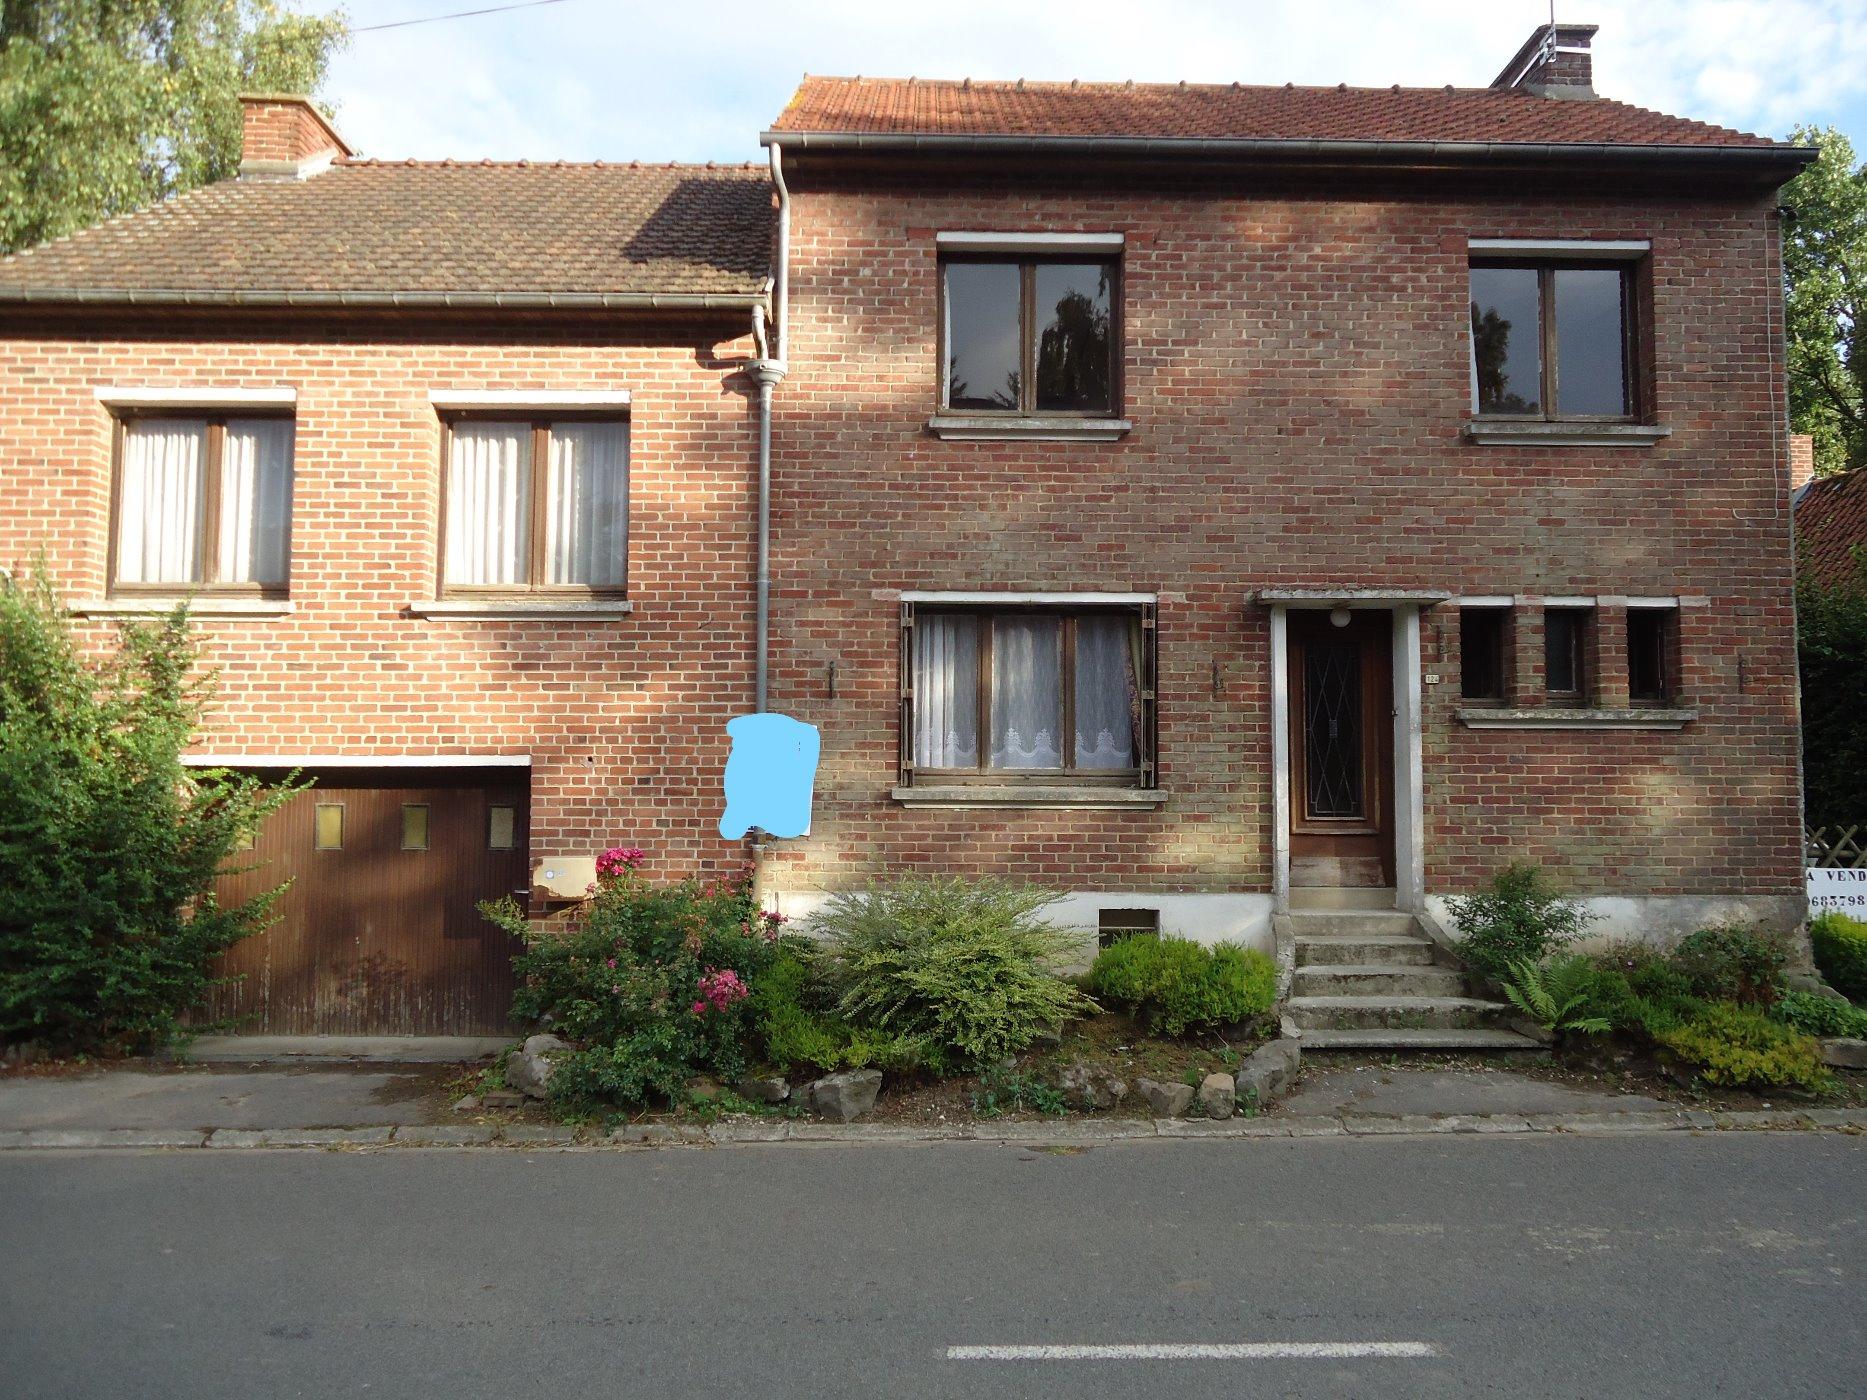 Vente maison/villa 6 pièces beaufort blavincourt 62810